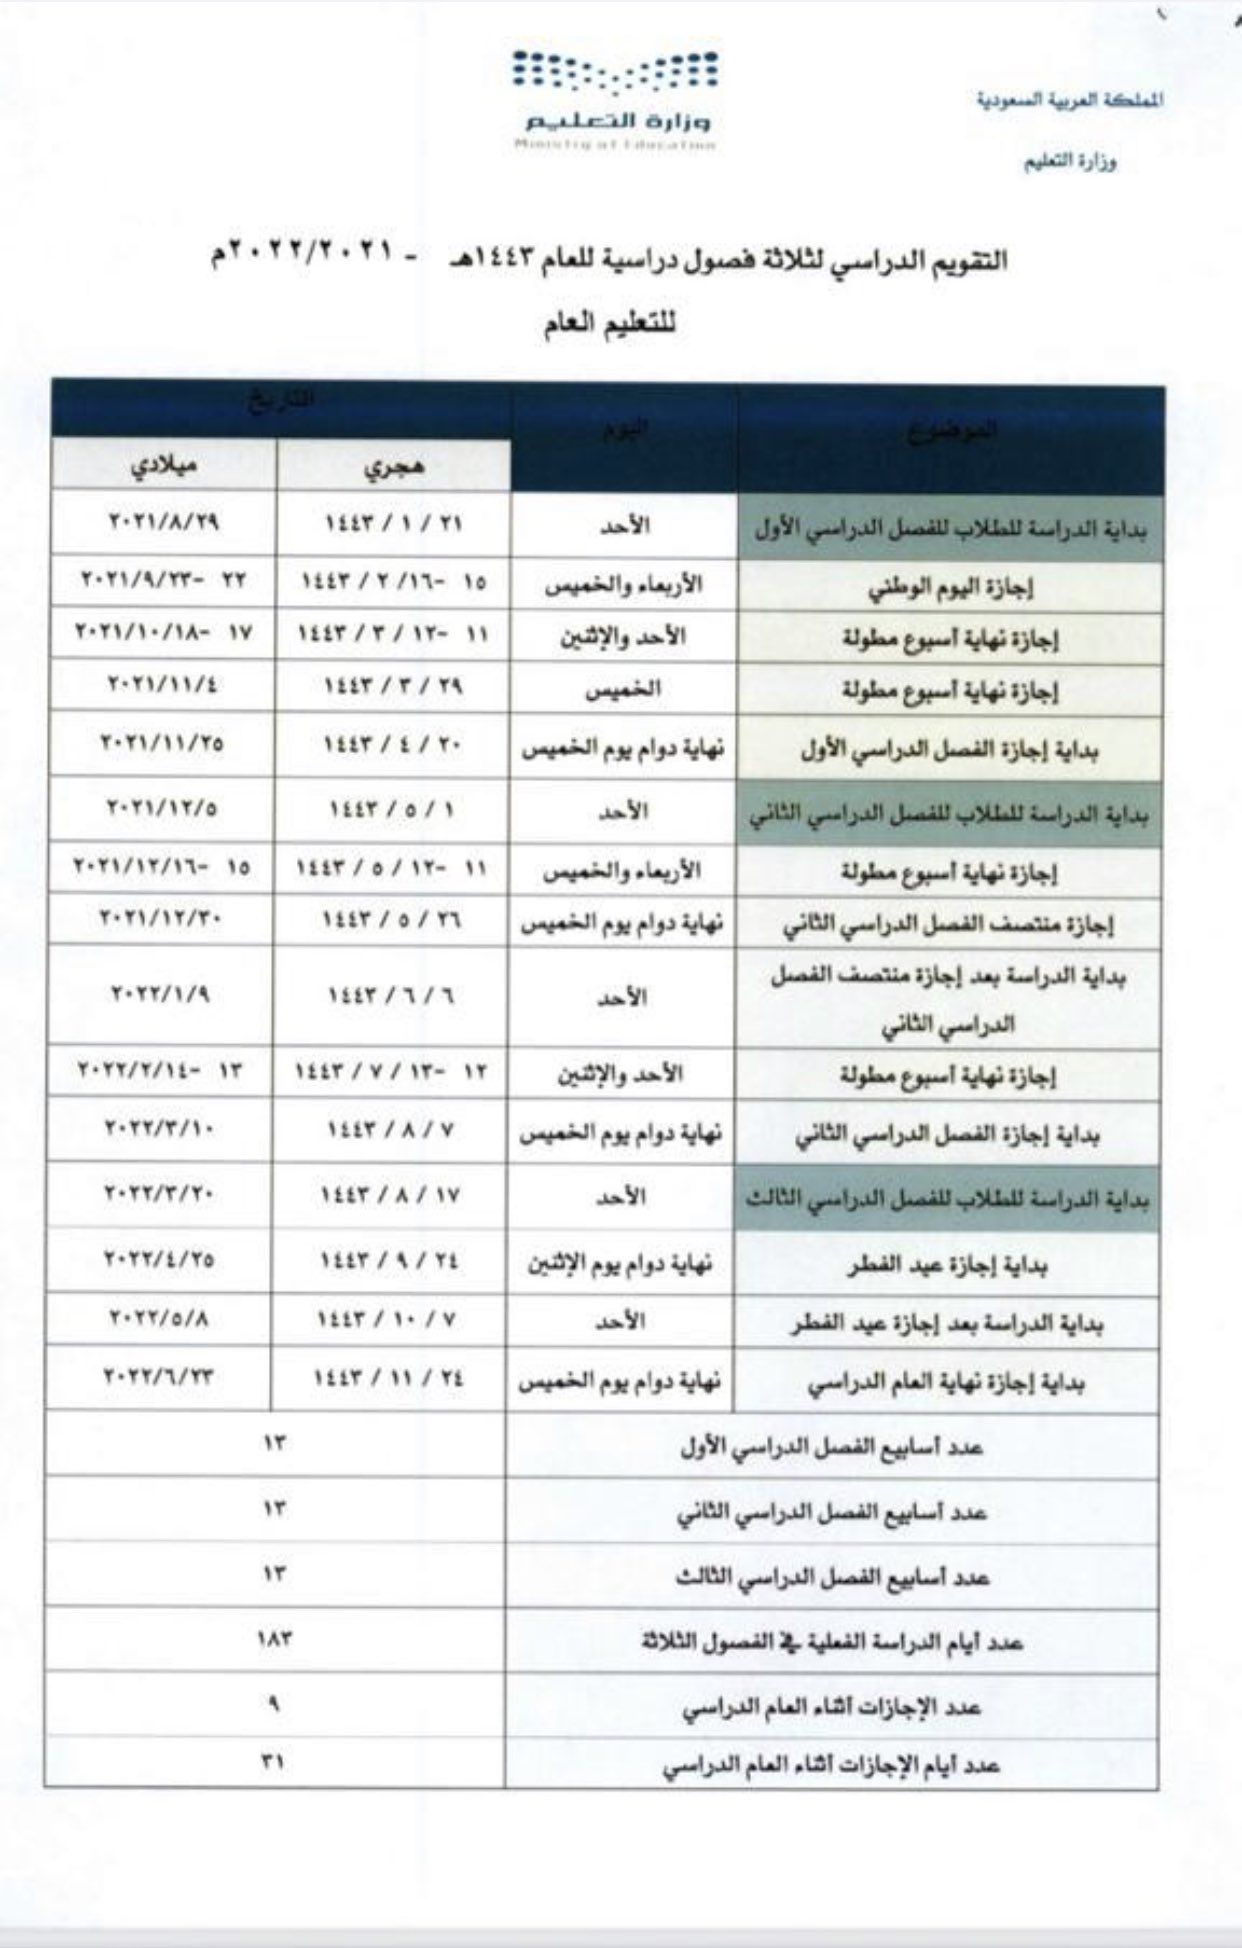 تقويم العام الدراسي الجديد 1443